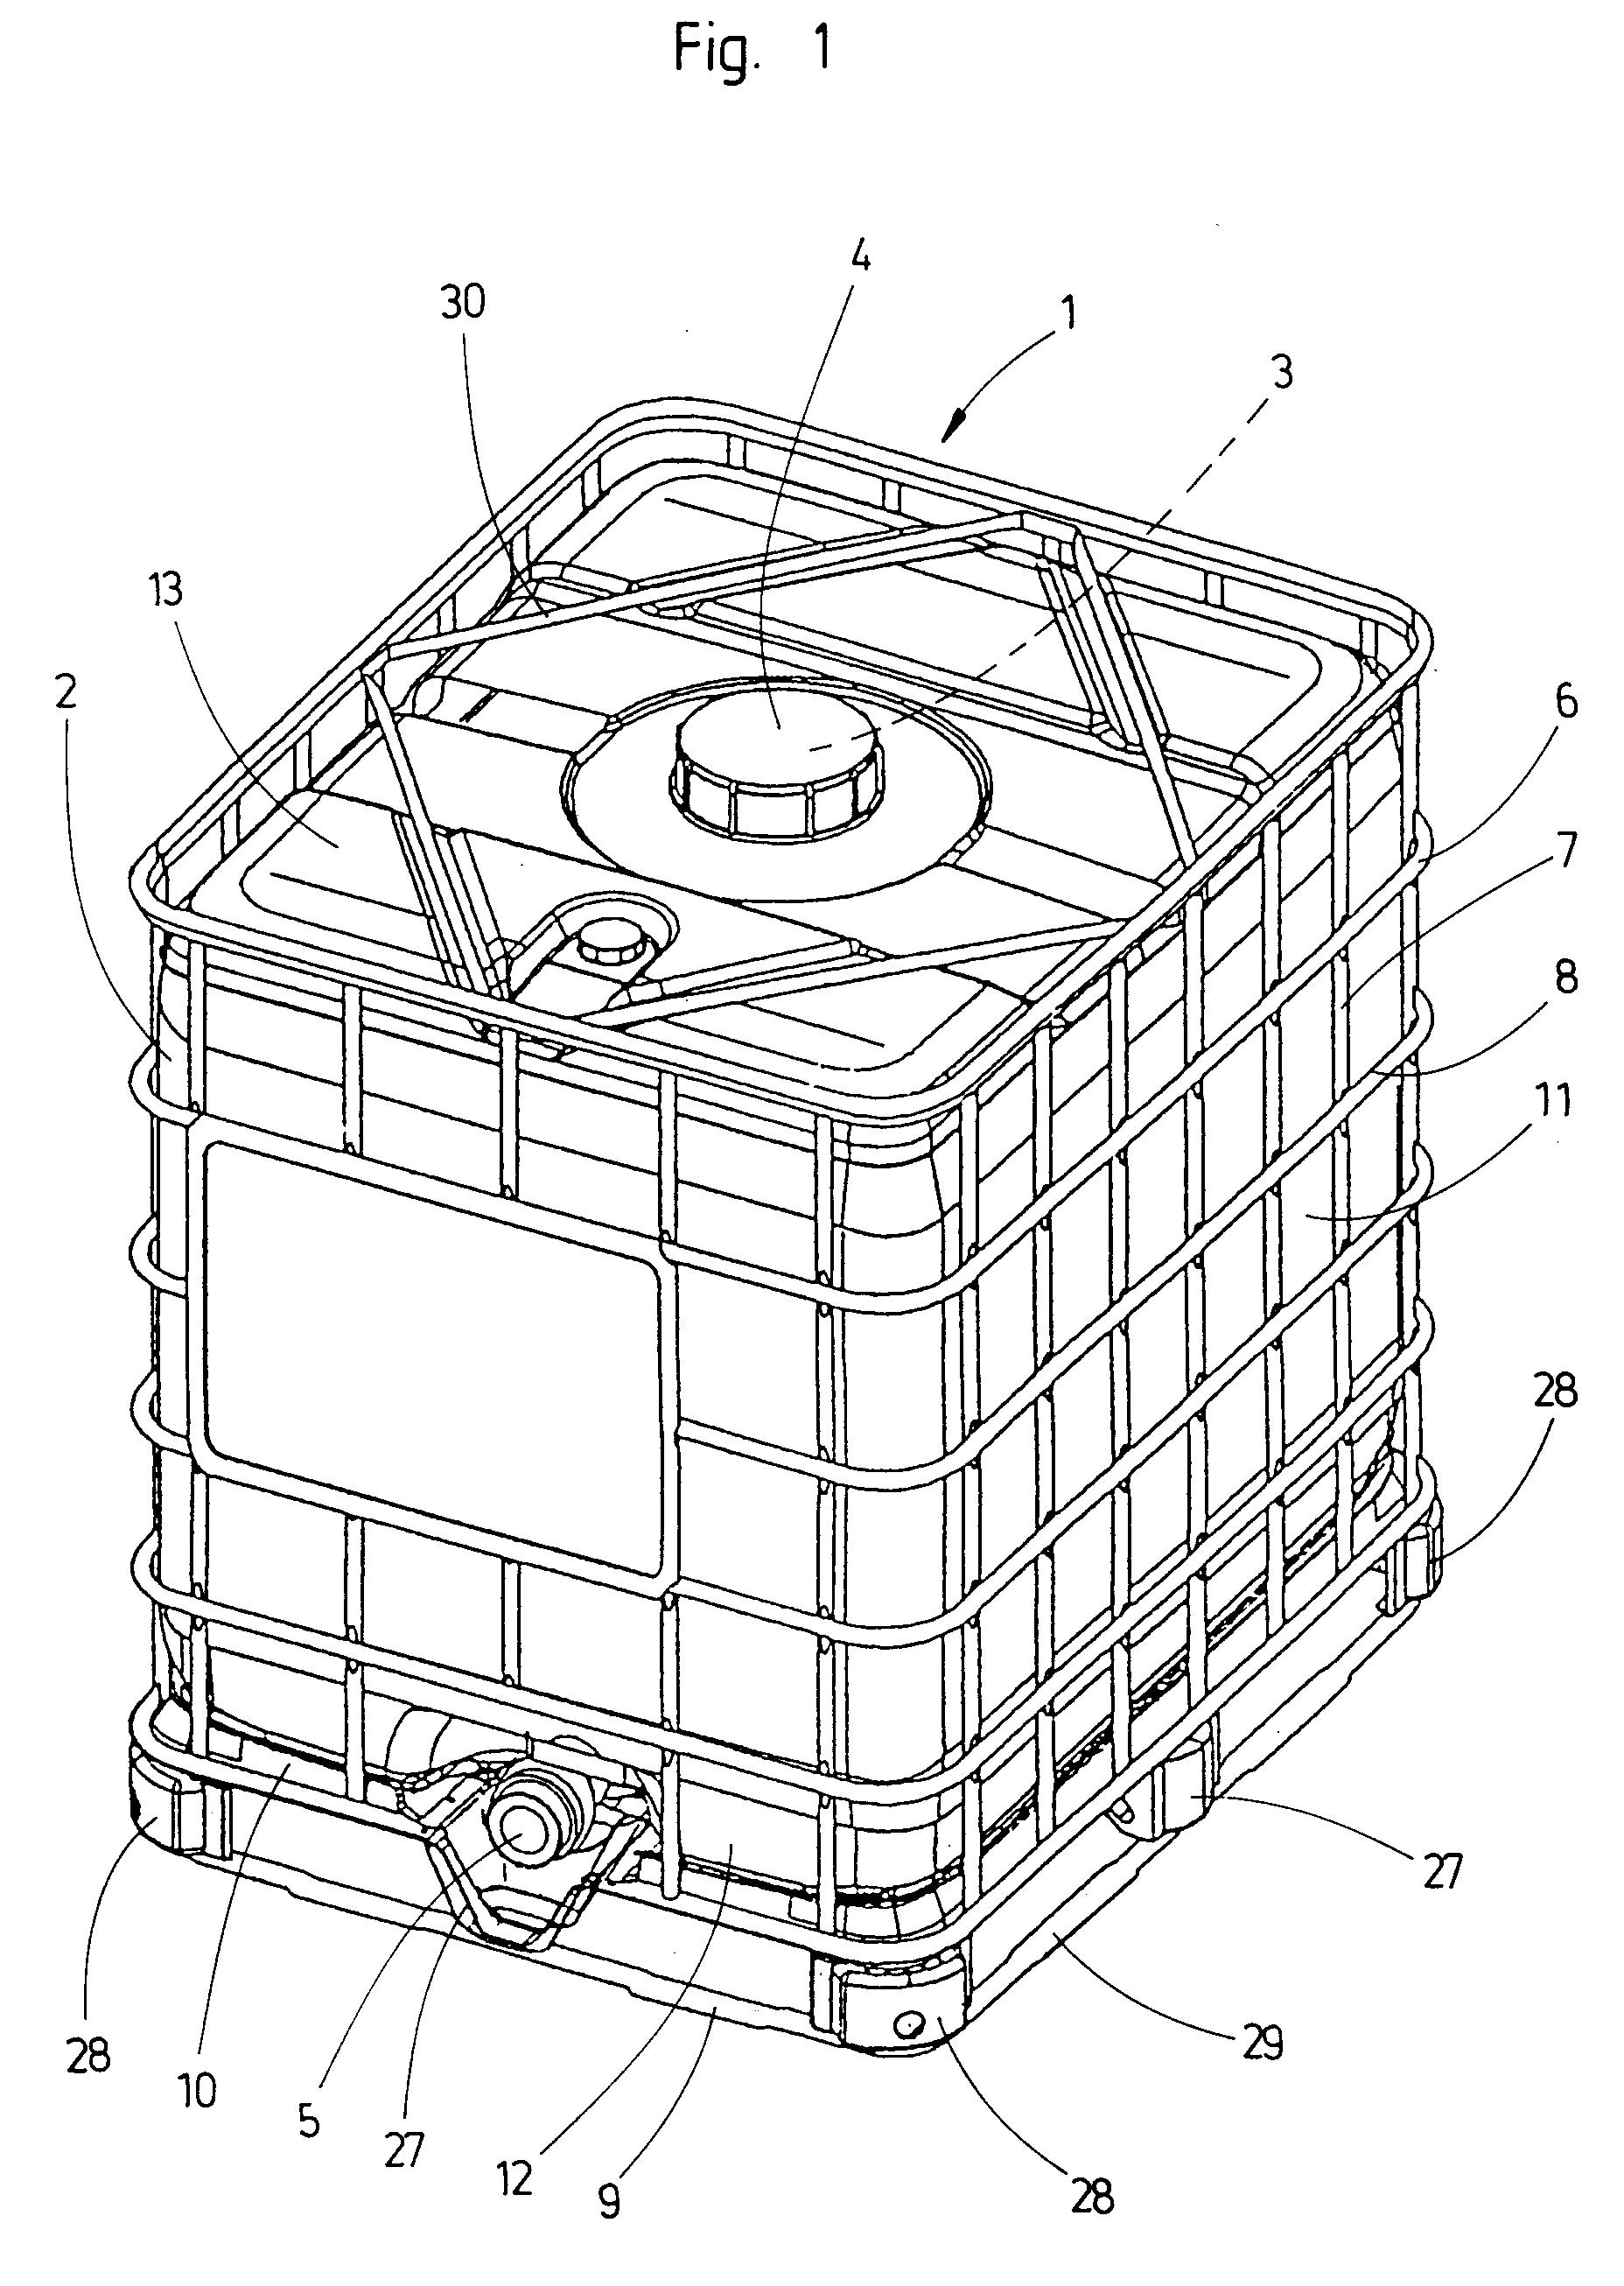 patent ep0656299a2 metallbeh lter f r den transport und die lagerung von fl ssigkeiten. Black Bedroom Furniture Sets. Home Design Ideas